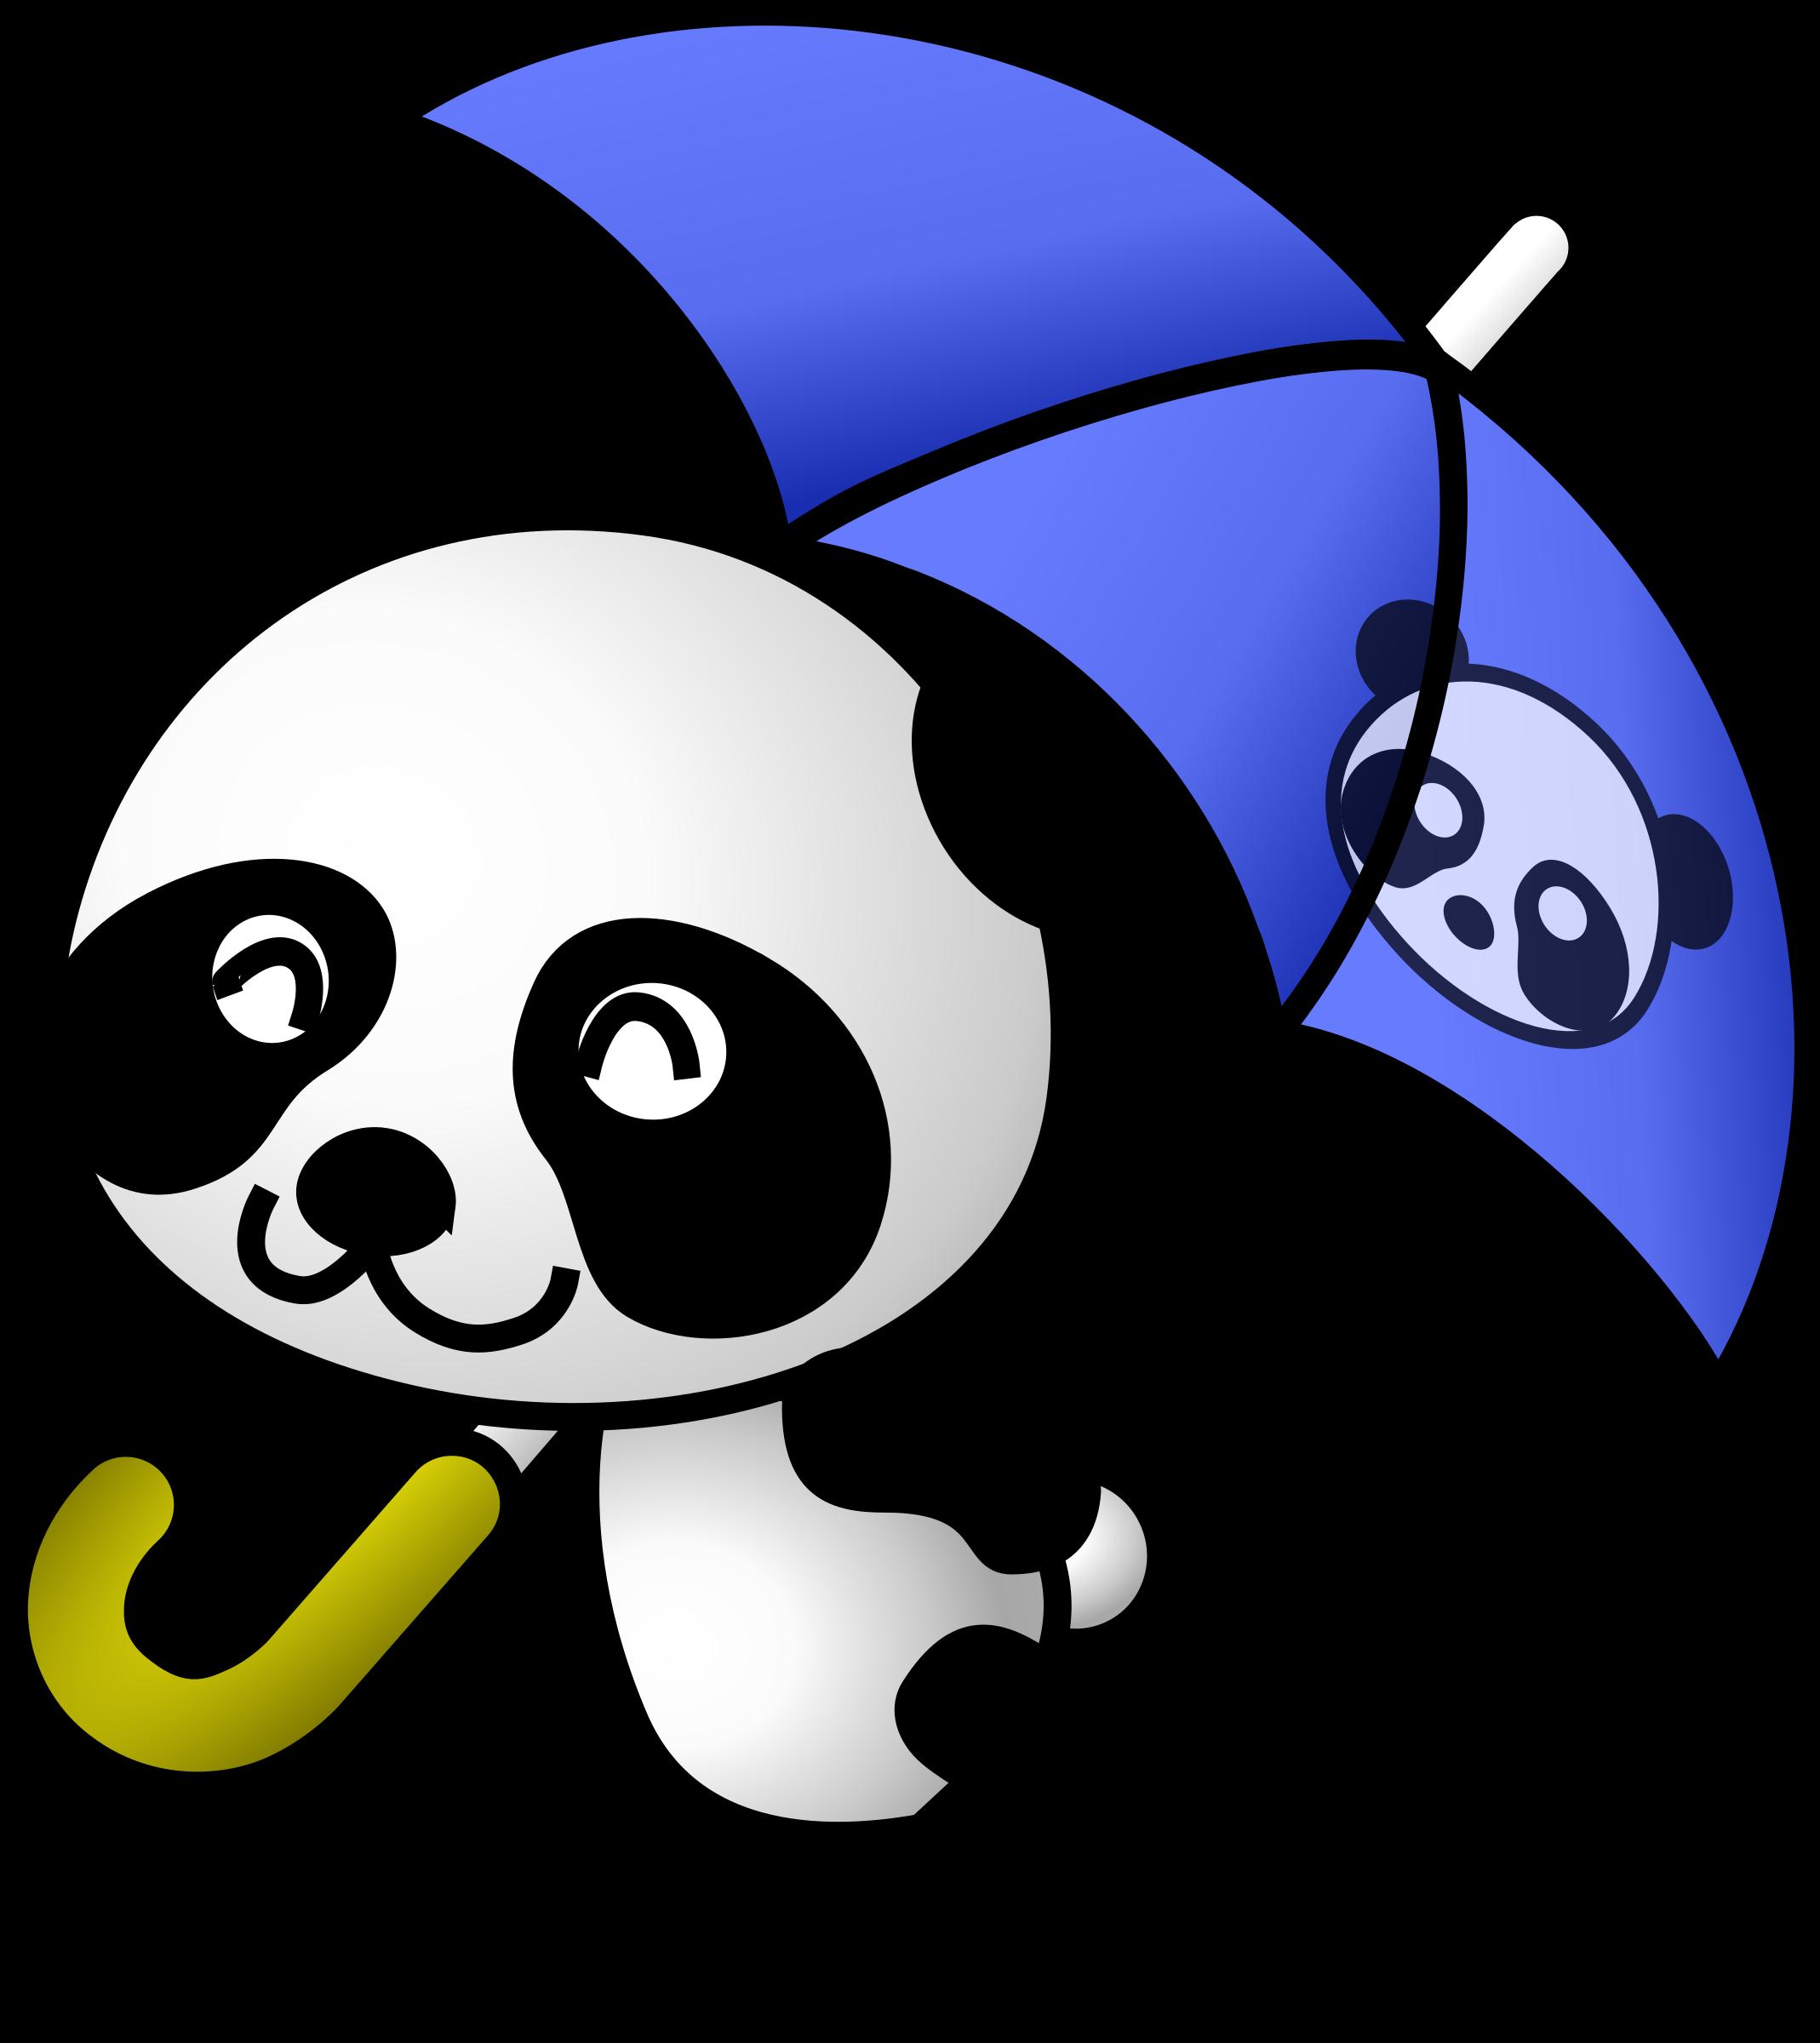 Clipart umbrella vector. Panda big image png